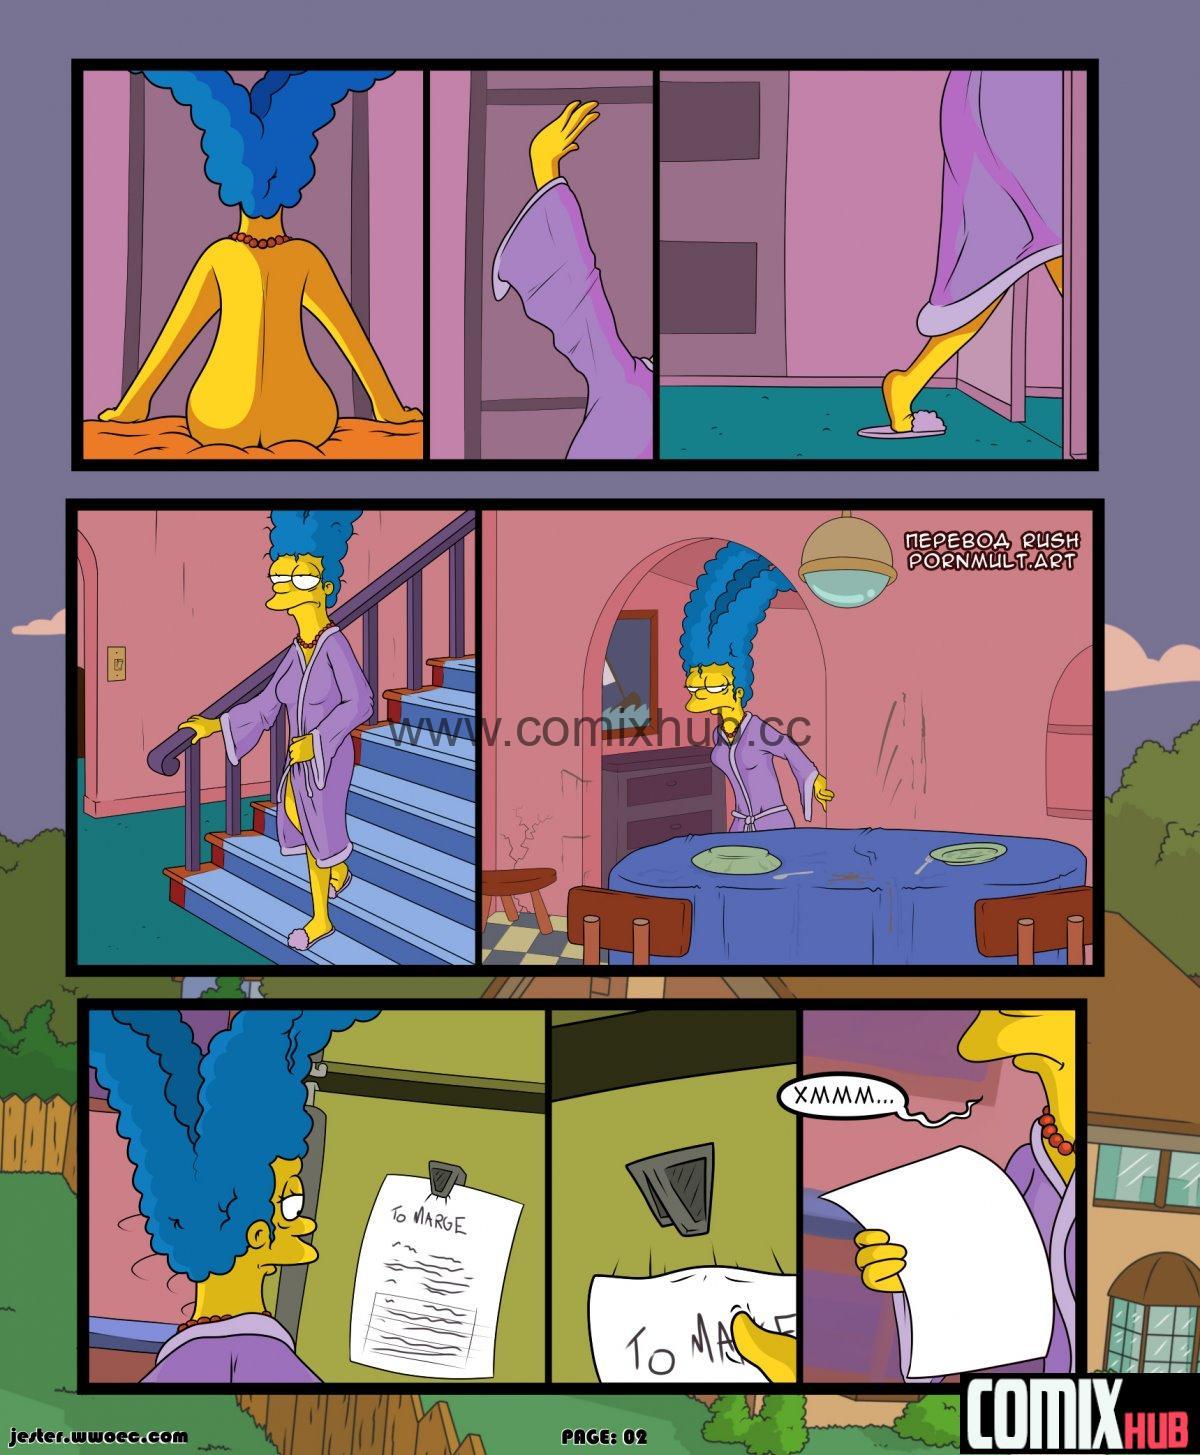 Порно комикс, День из жизни Мардж Симпсон Порно комиксы, Анал, Герои из мультиков, Групповой секс, Измена, Лесбиянки